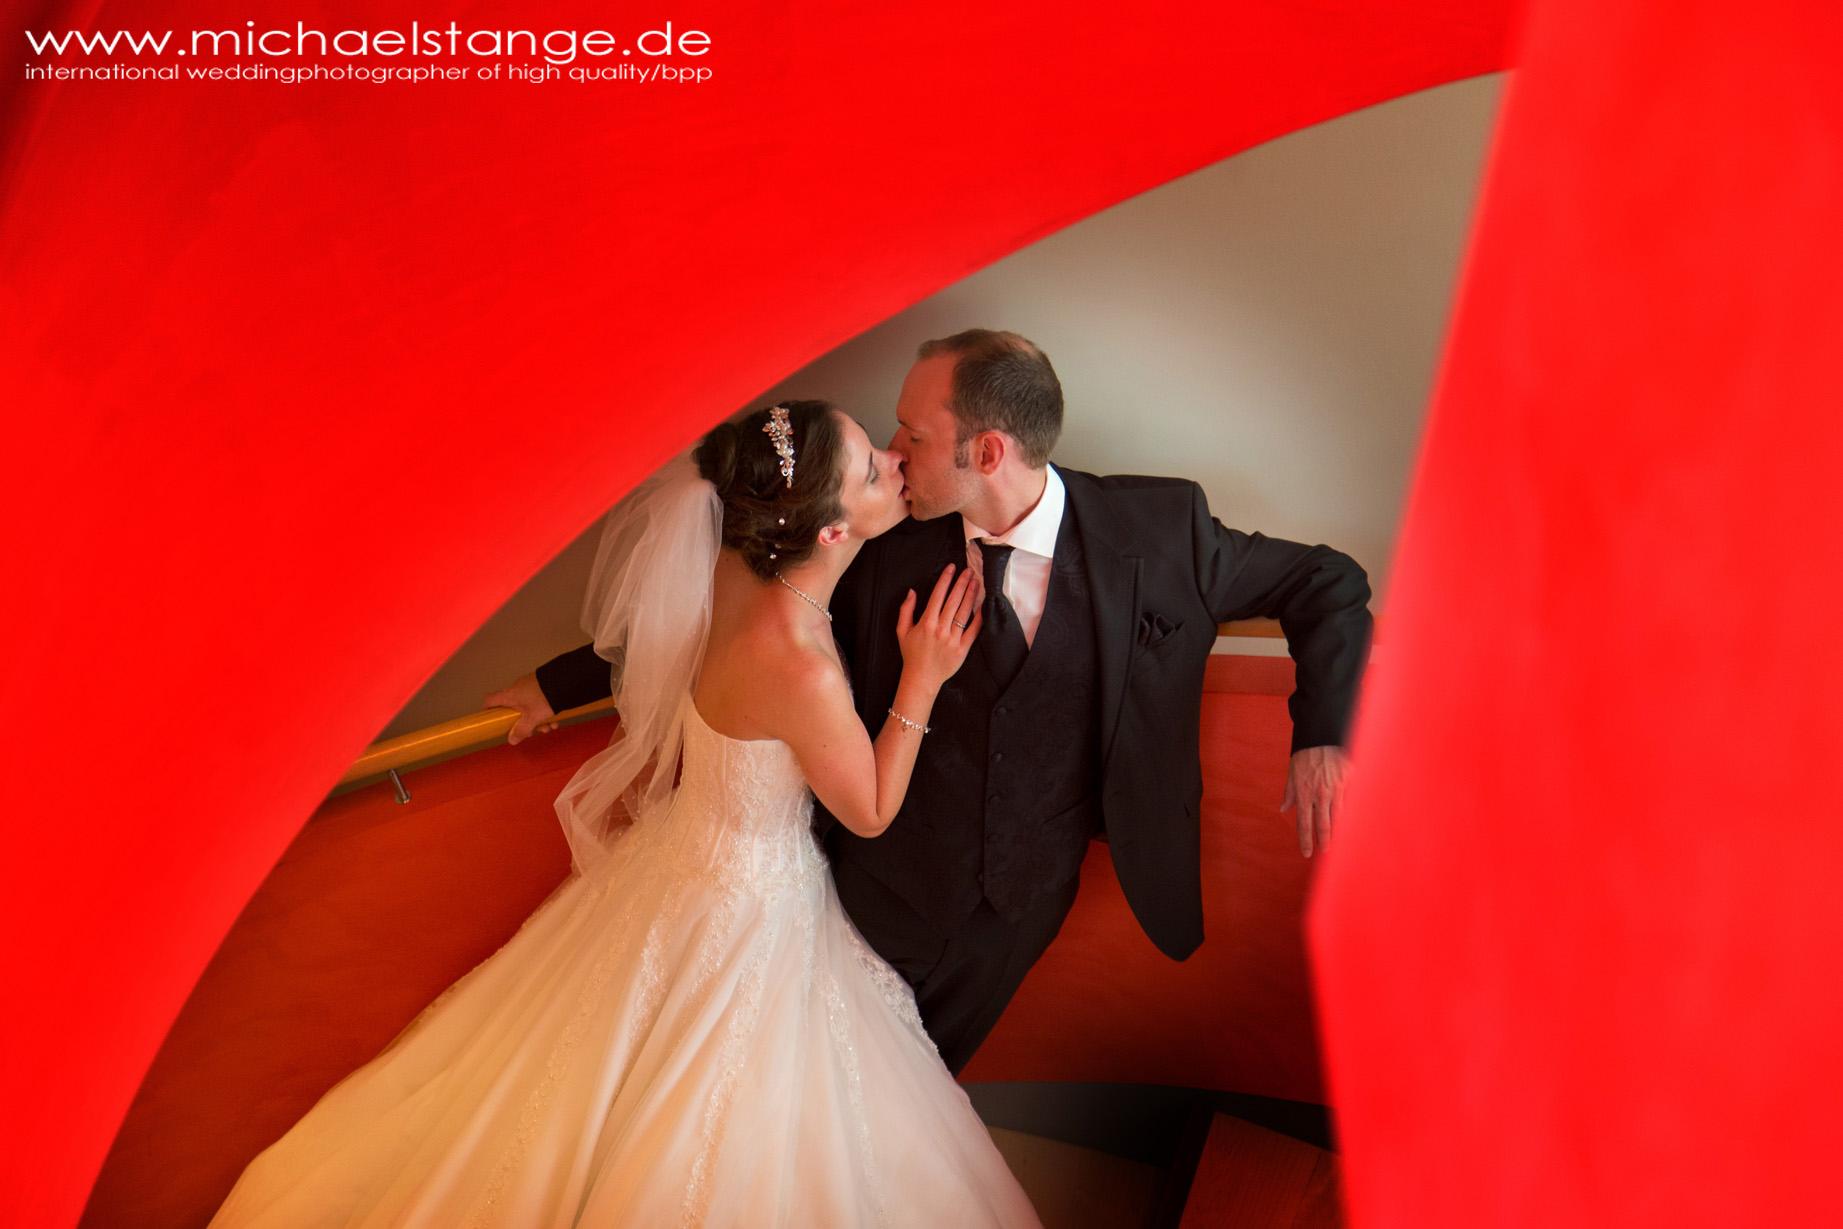 046 Hochzeitsfotograf Michael Stange Baltrum Osnabrueck